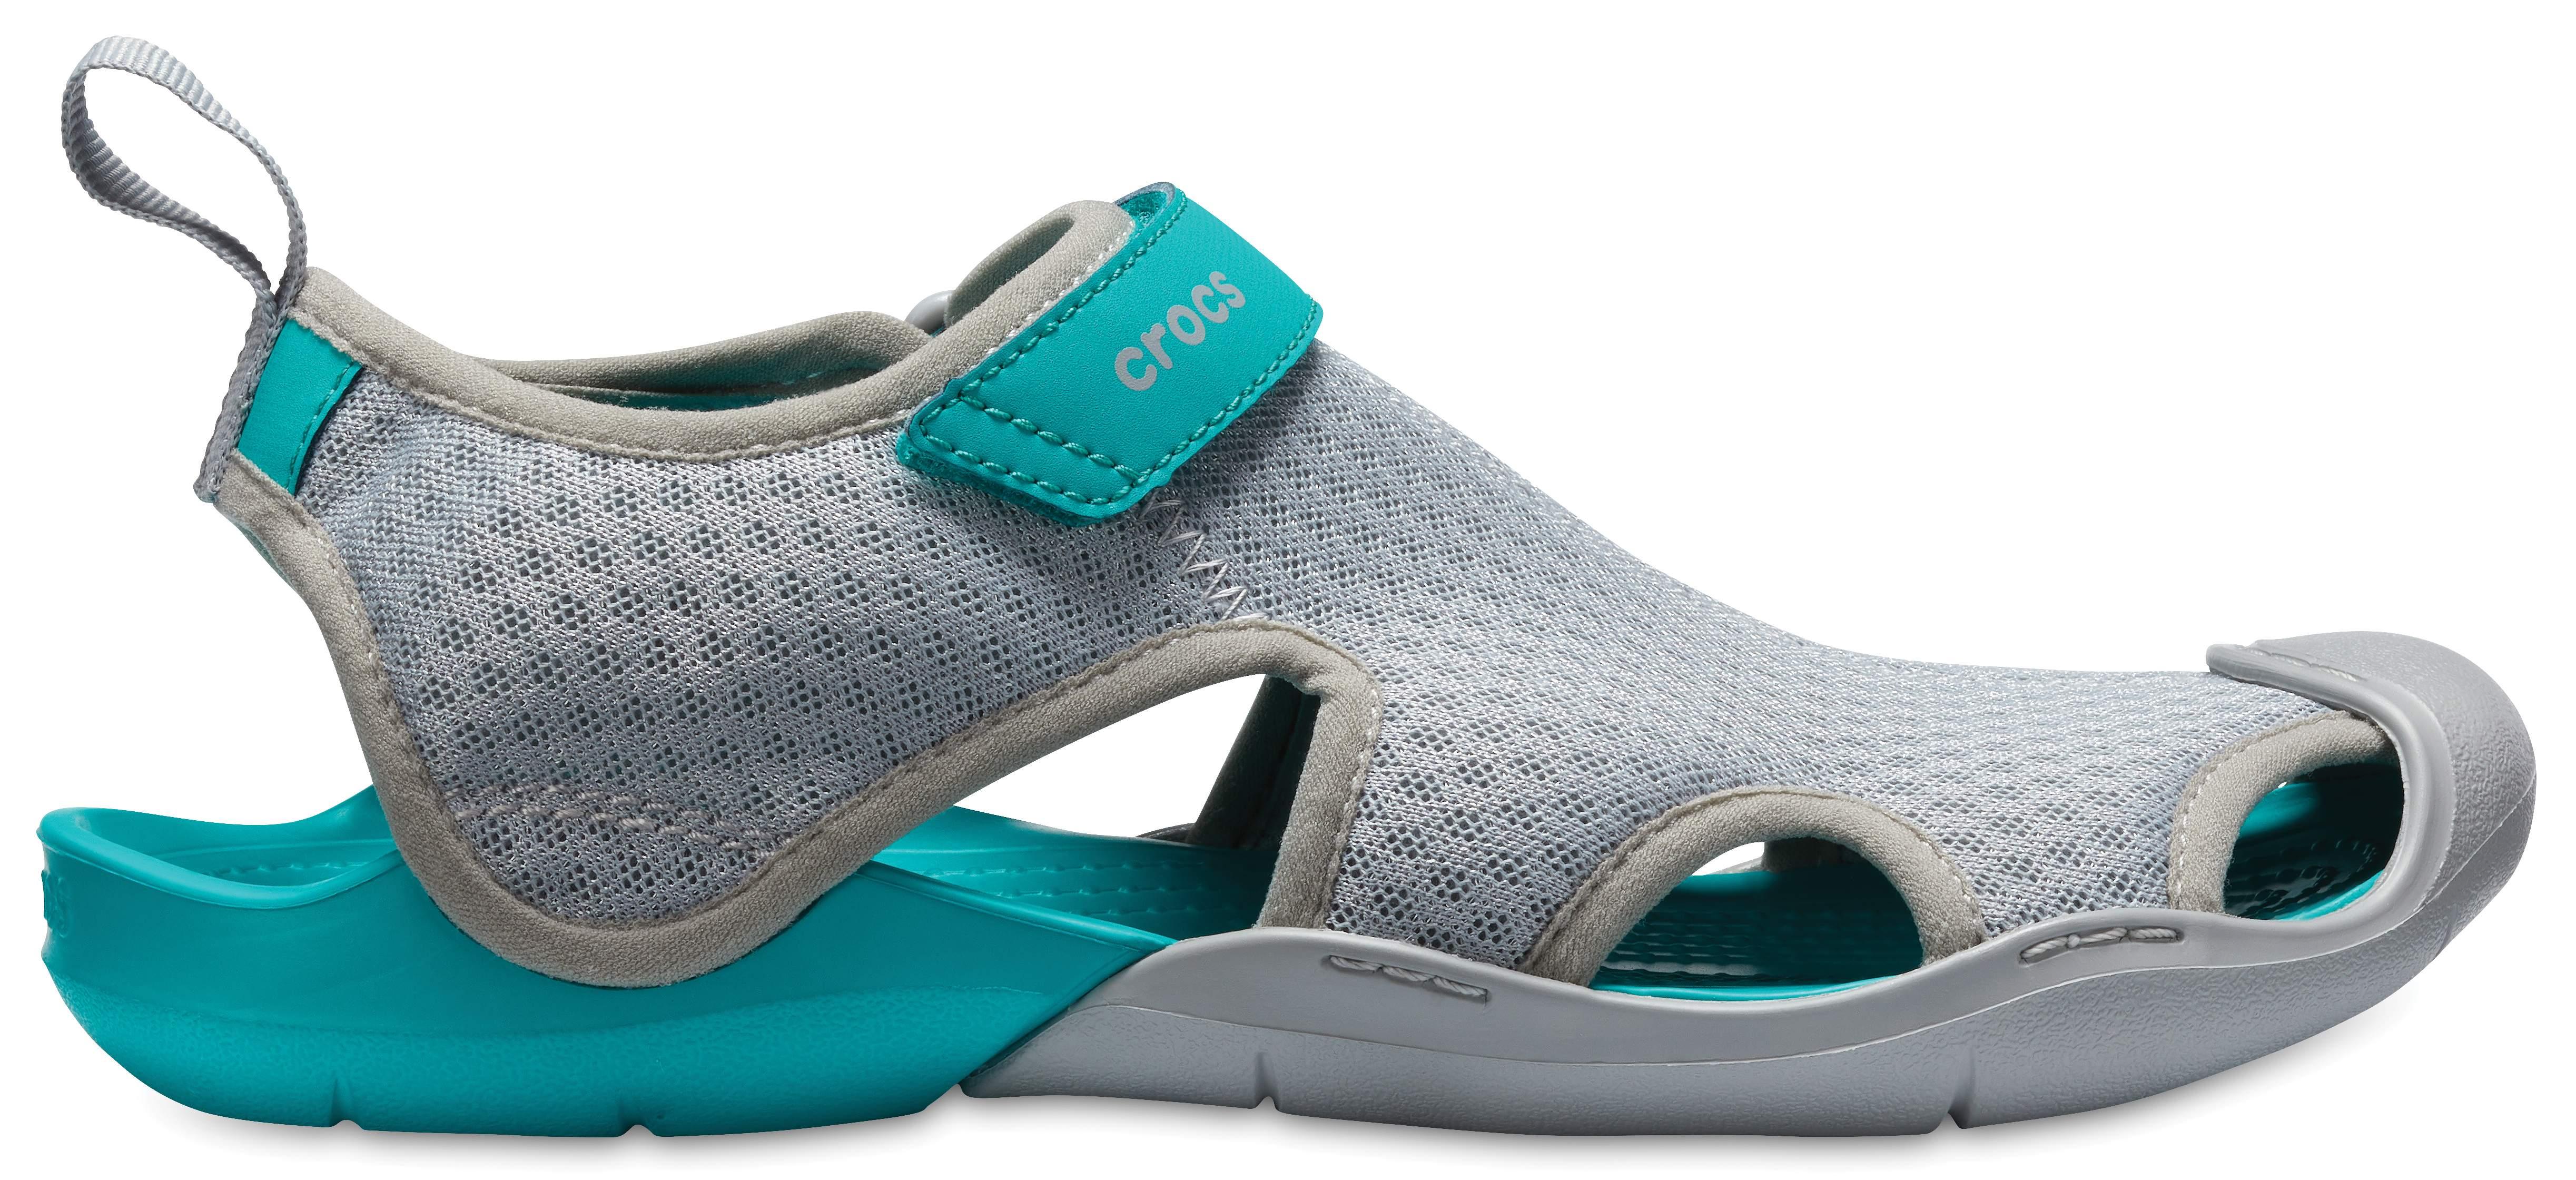 Crocs Swiftwater Mesh Grey Flip Flops